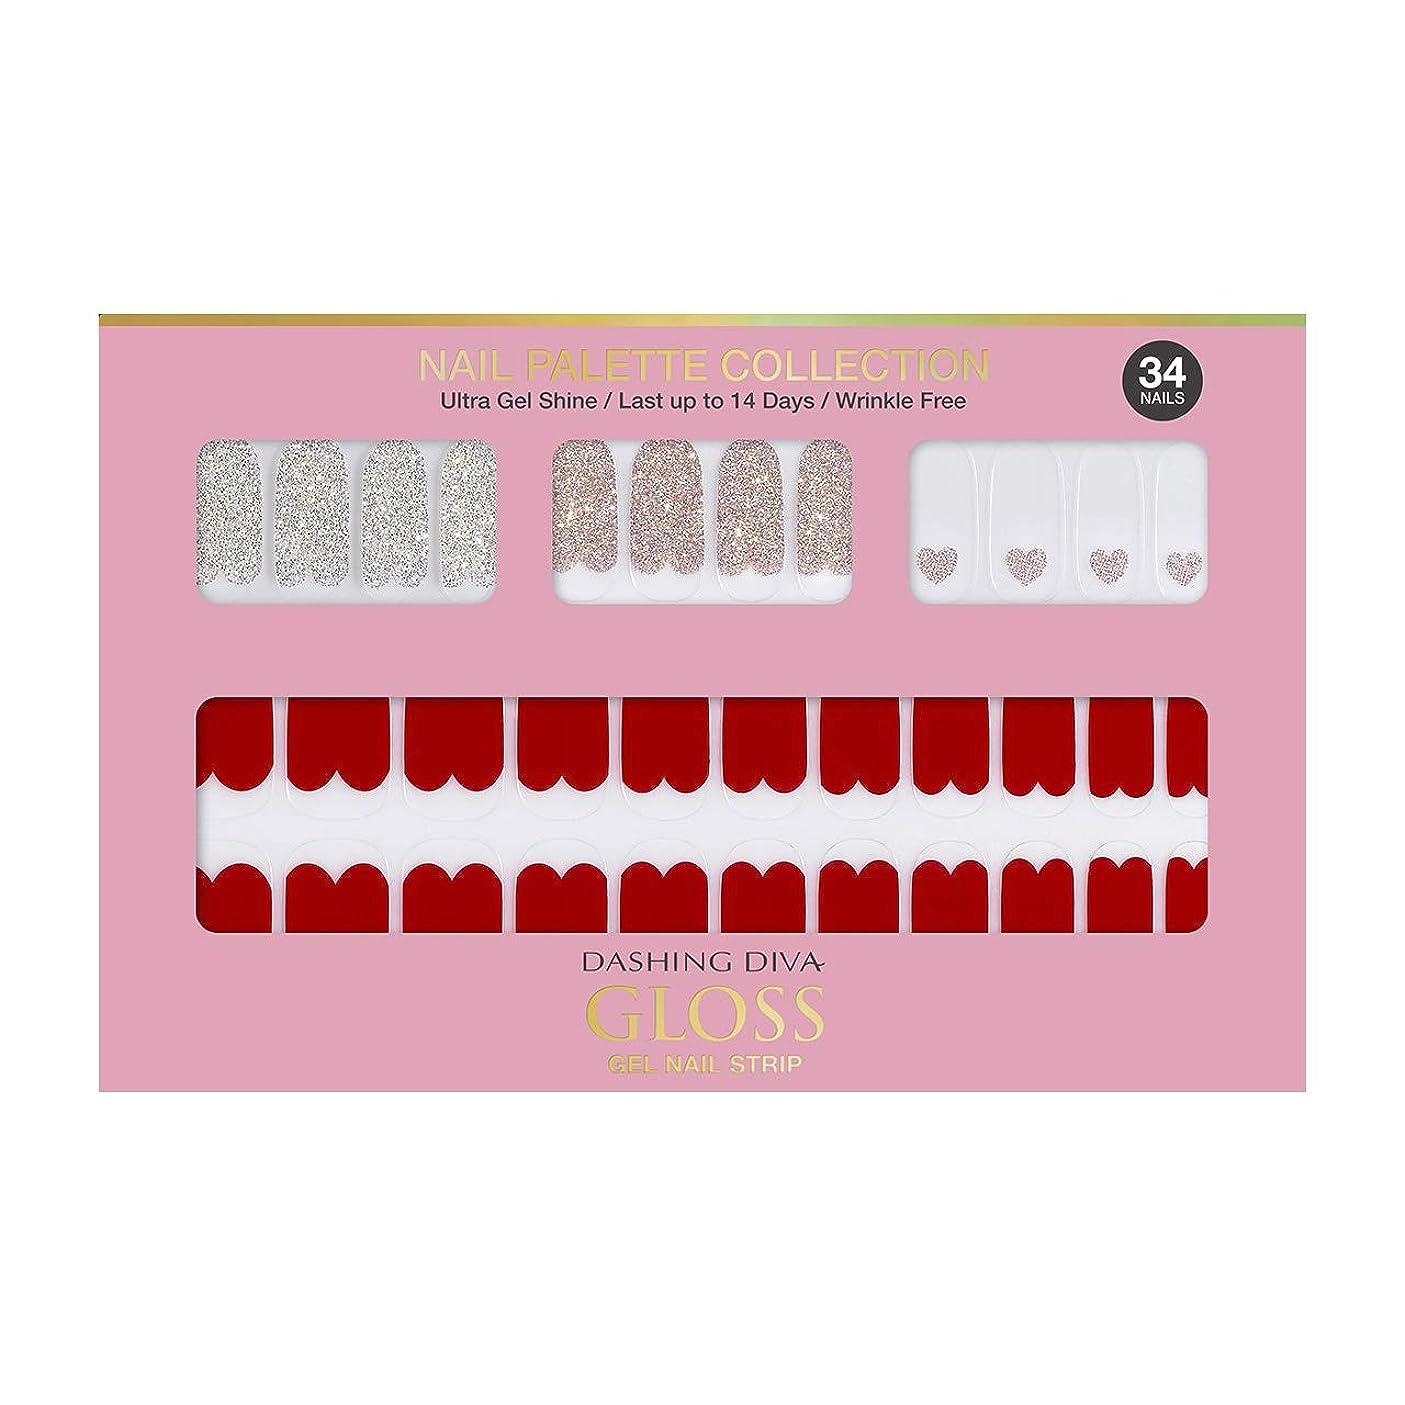 消去マラソンラベルダッシングディバ グロスジェル ネイルストリップ DASHING DIVA Gloss Gel Nail Strip DGNP05-DURY+ オリジナルジェル ネイルシール Rosy #05 Red Shorts